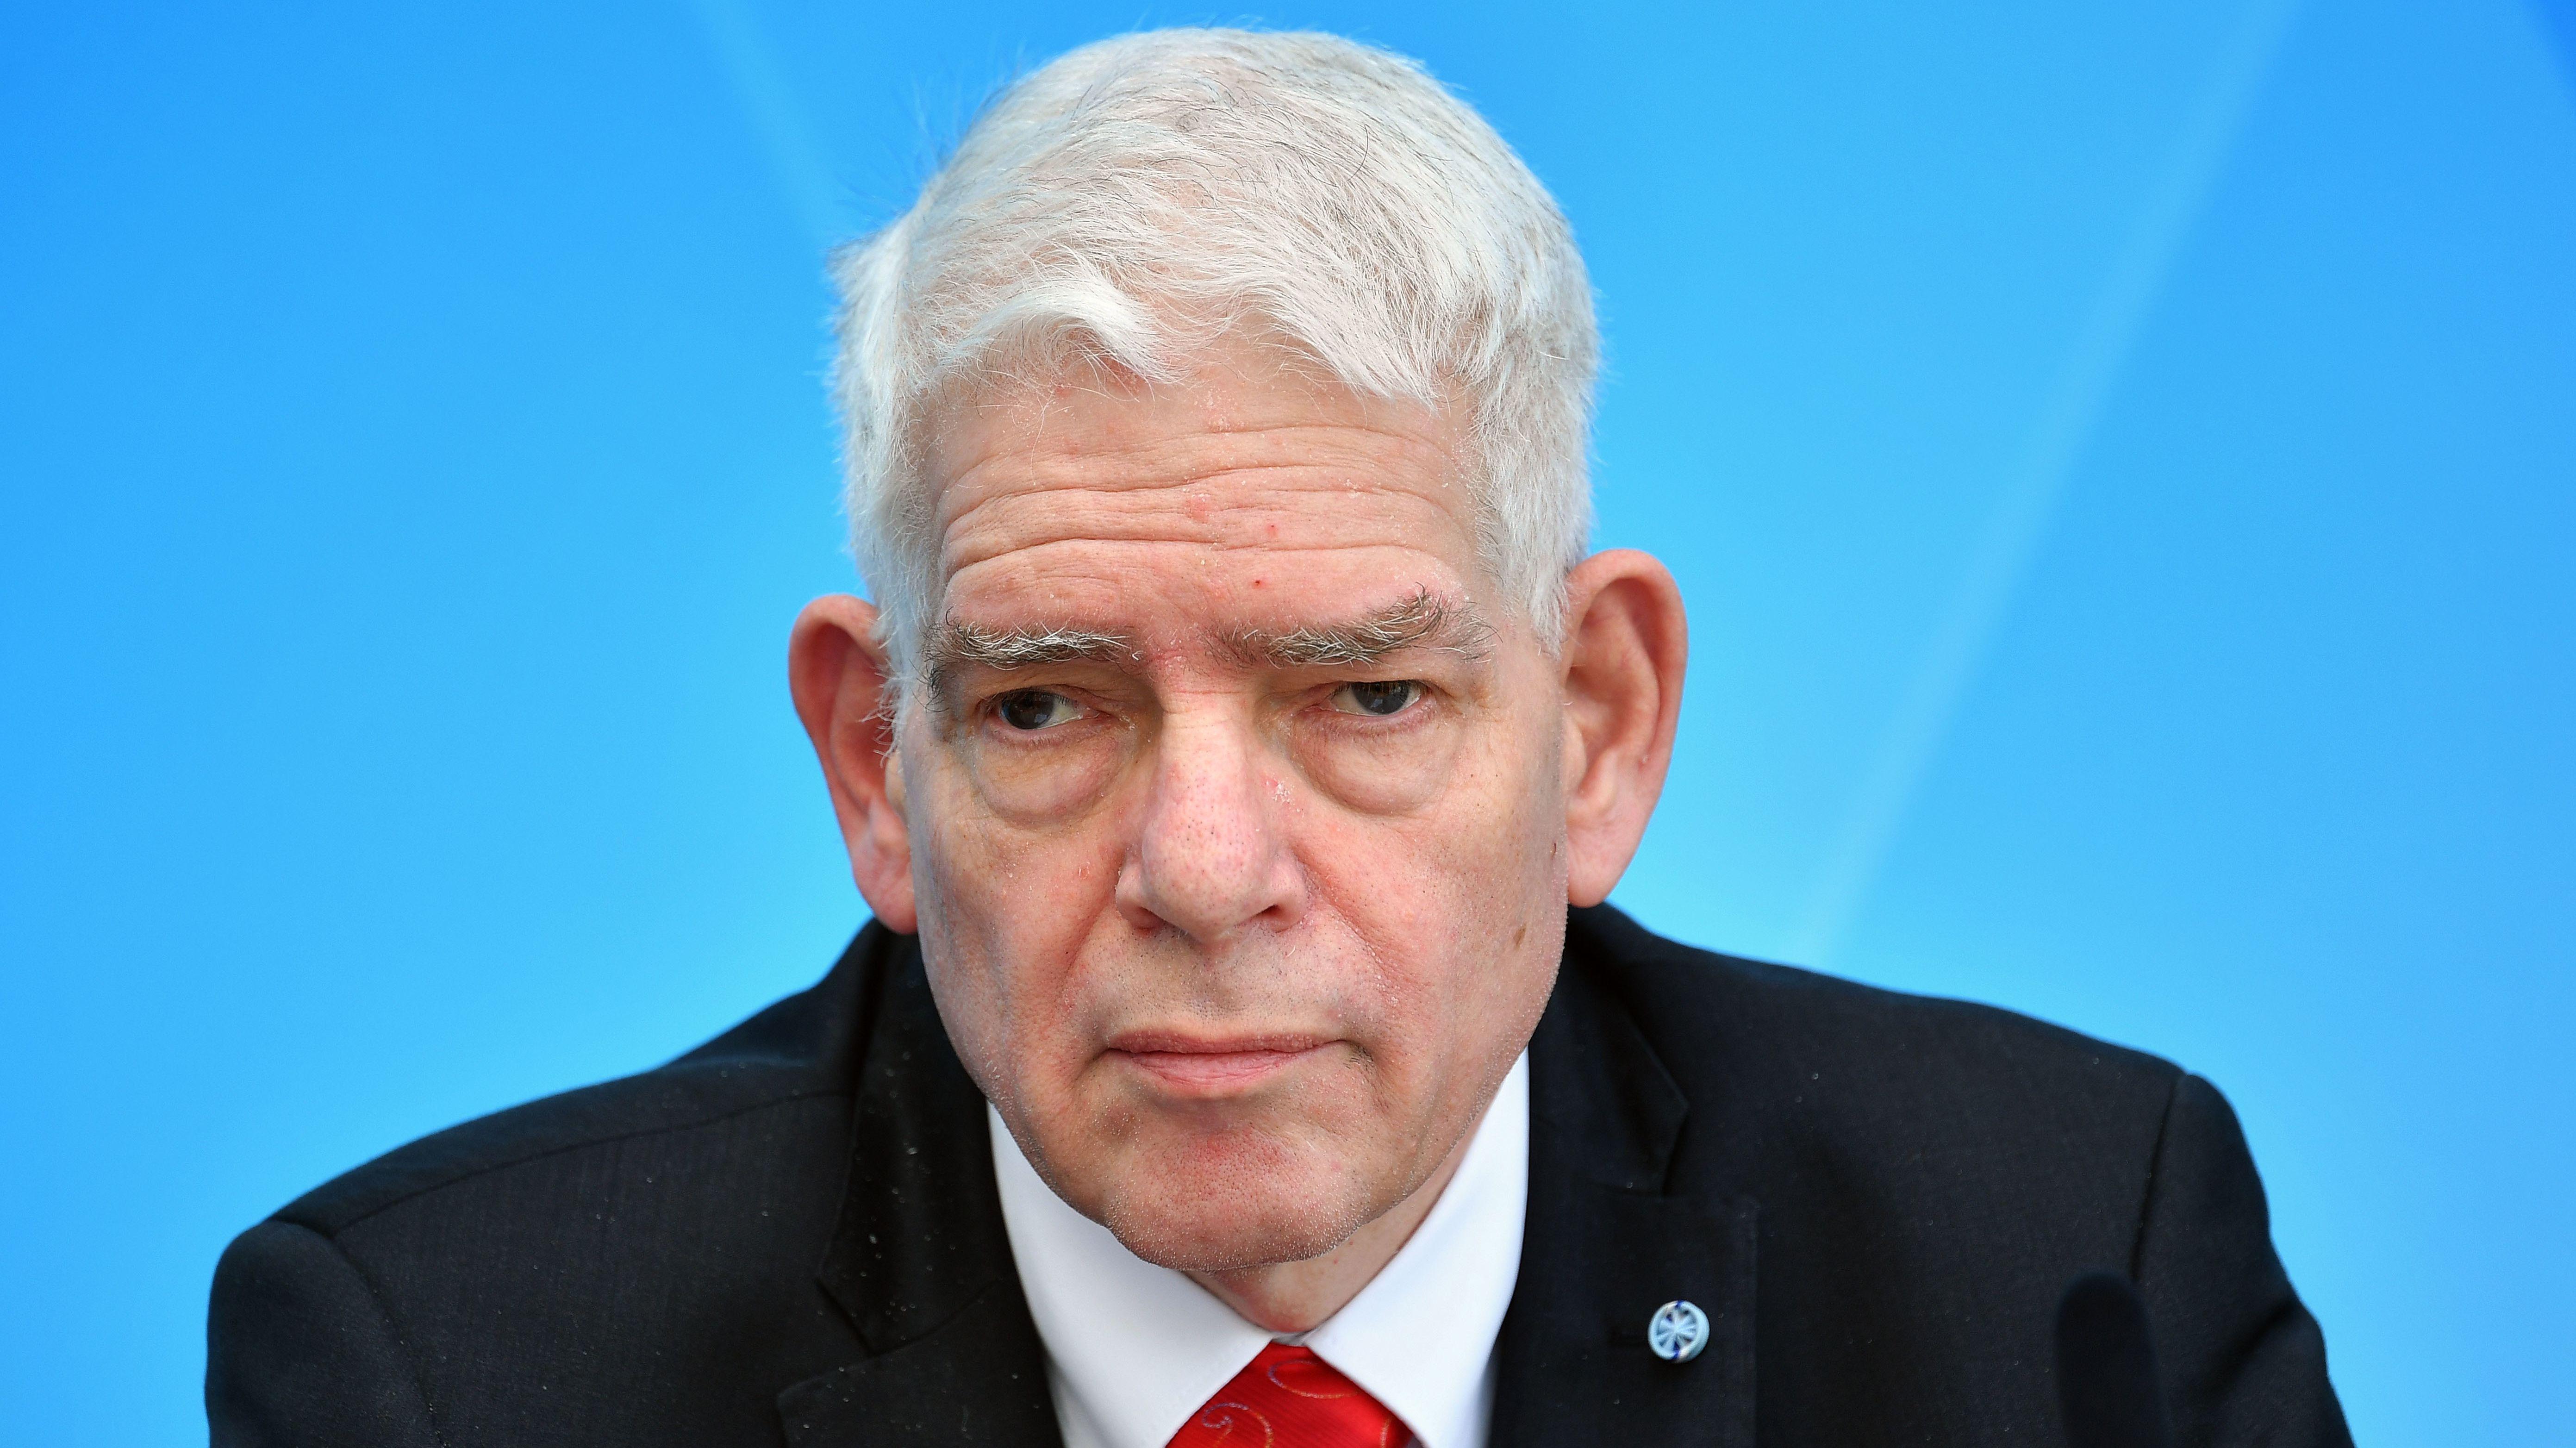 Josef Schuster, bei einer Pressekonferenz in München, Anfang Mai.